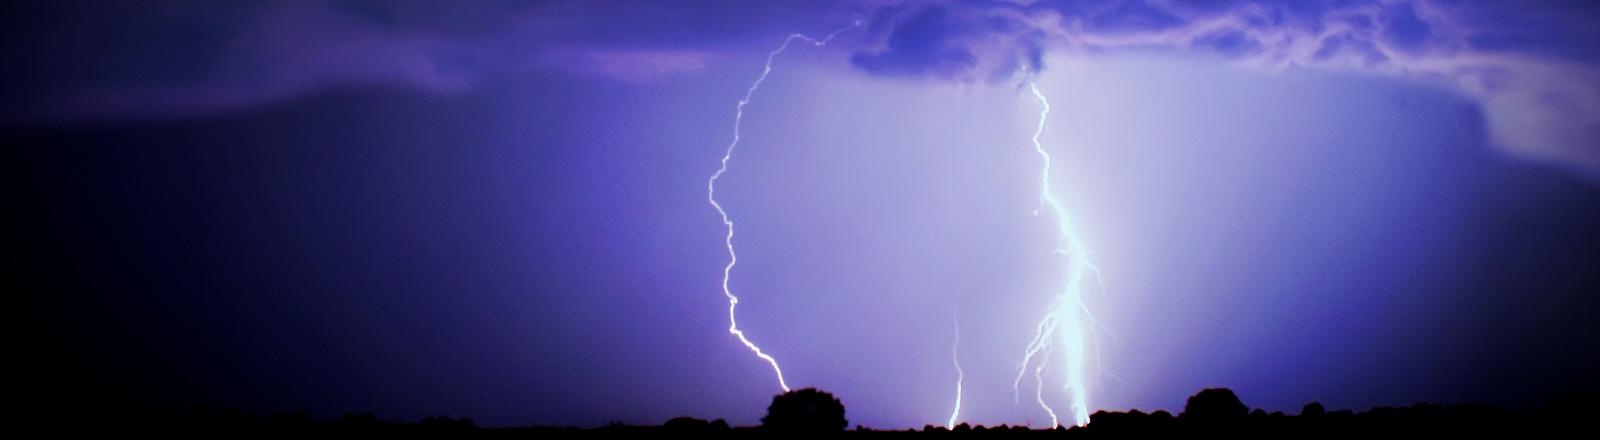 Blitz vor violettem Himmel